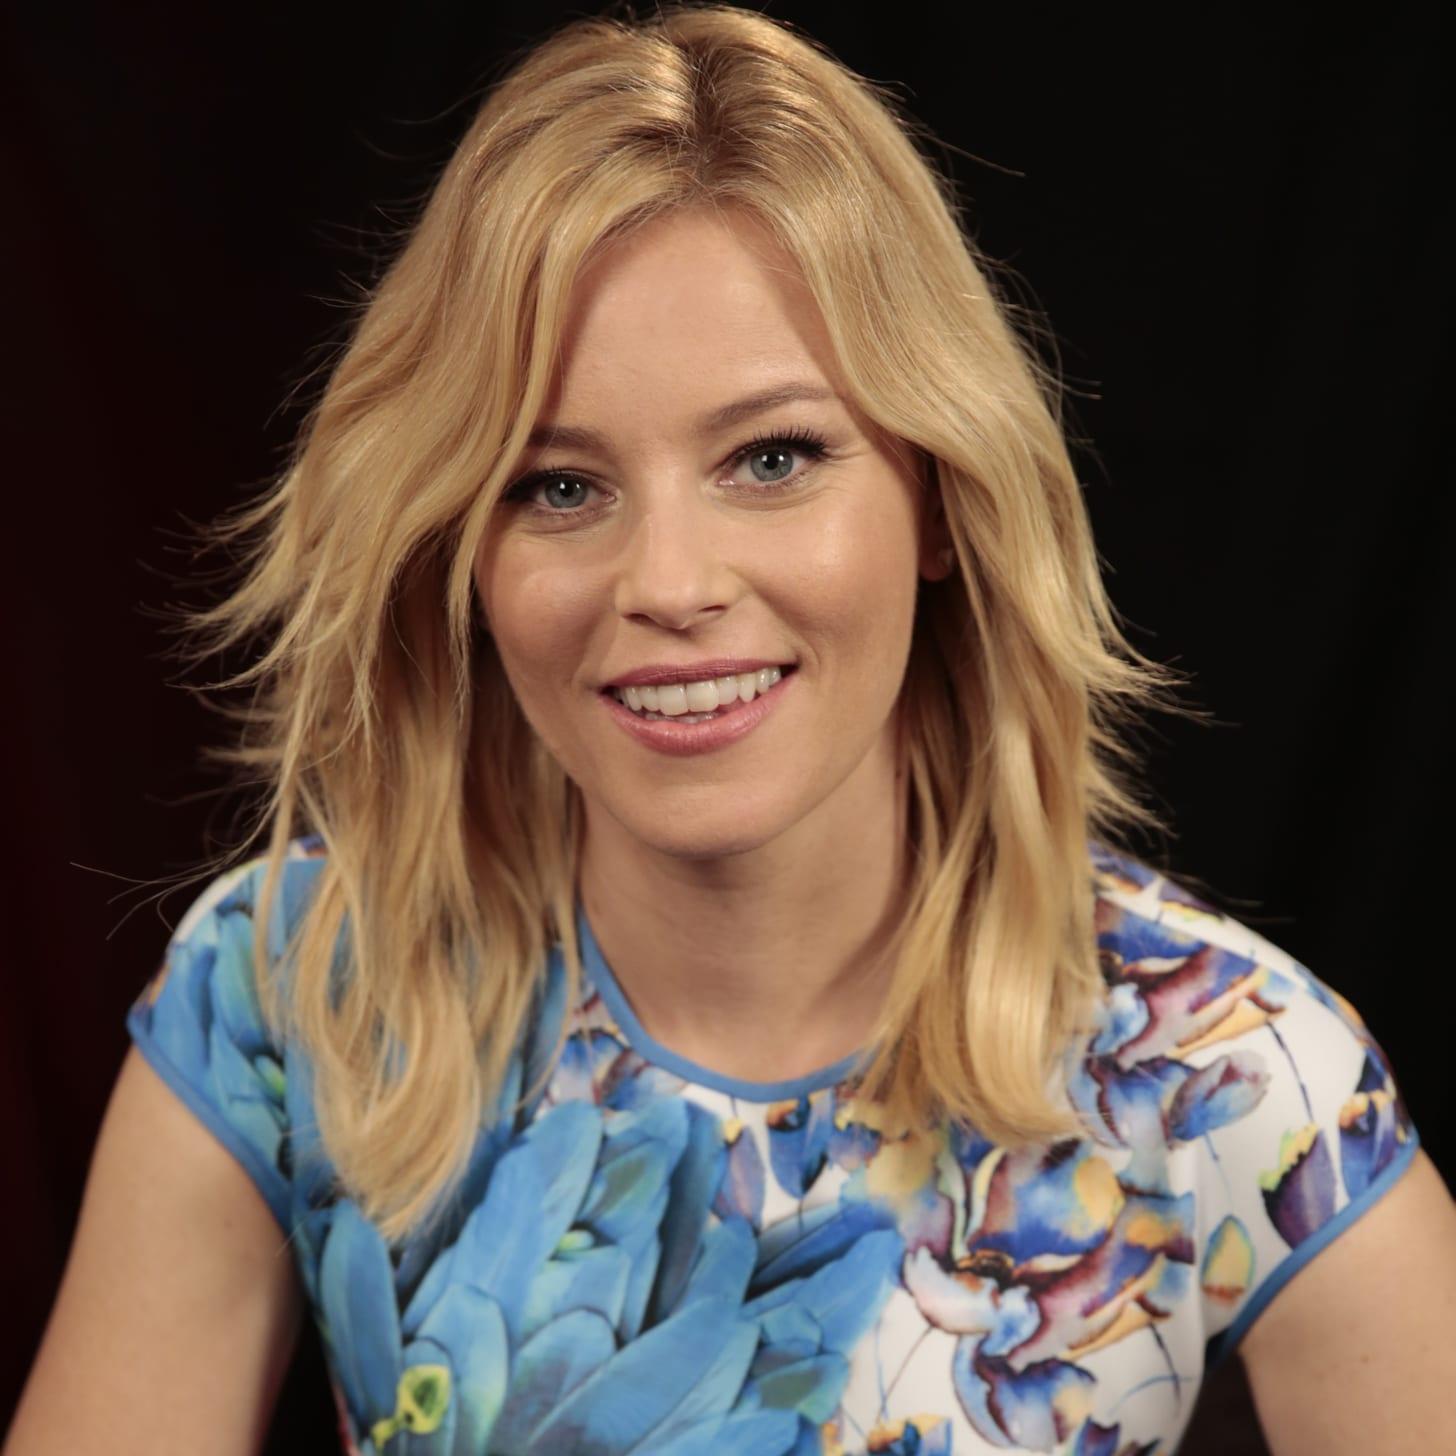 Las 5 películas favoritas de actores parte 8 (Jennifer Lawrence, McConaughey, Lilly Collins...)